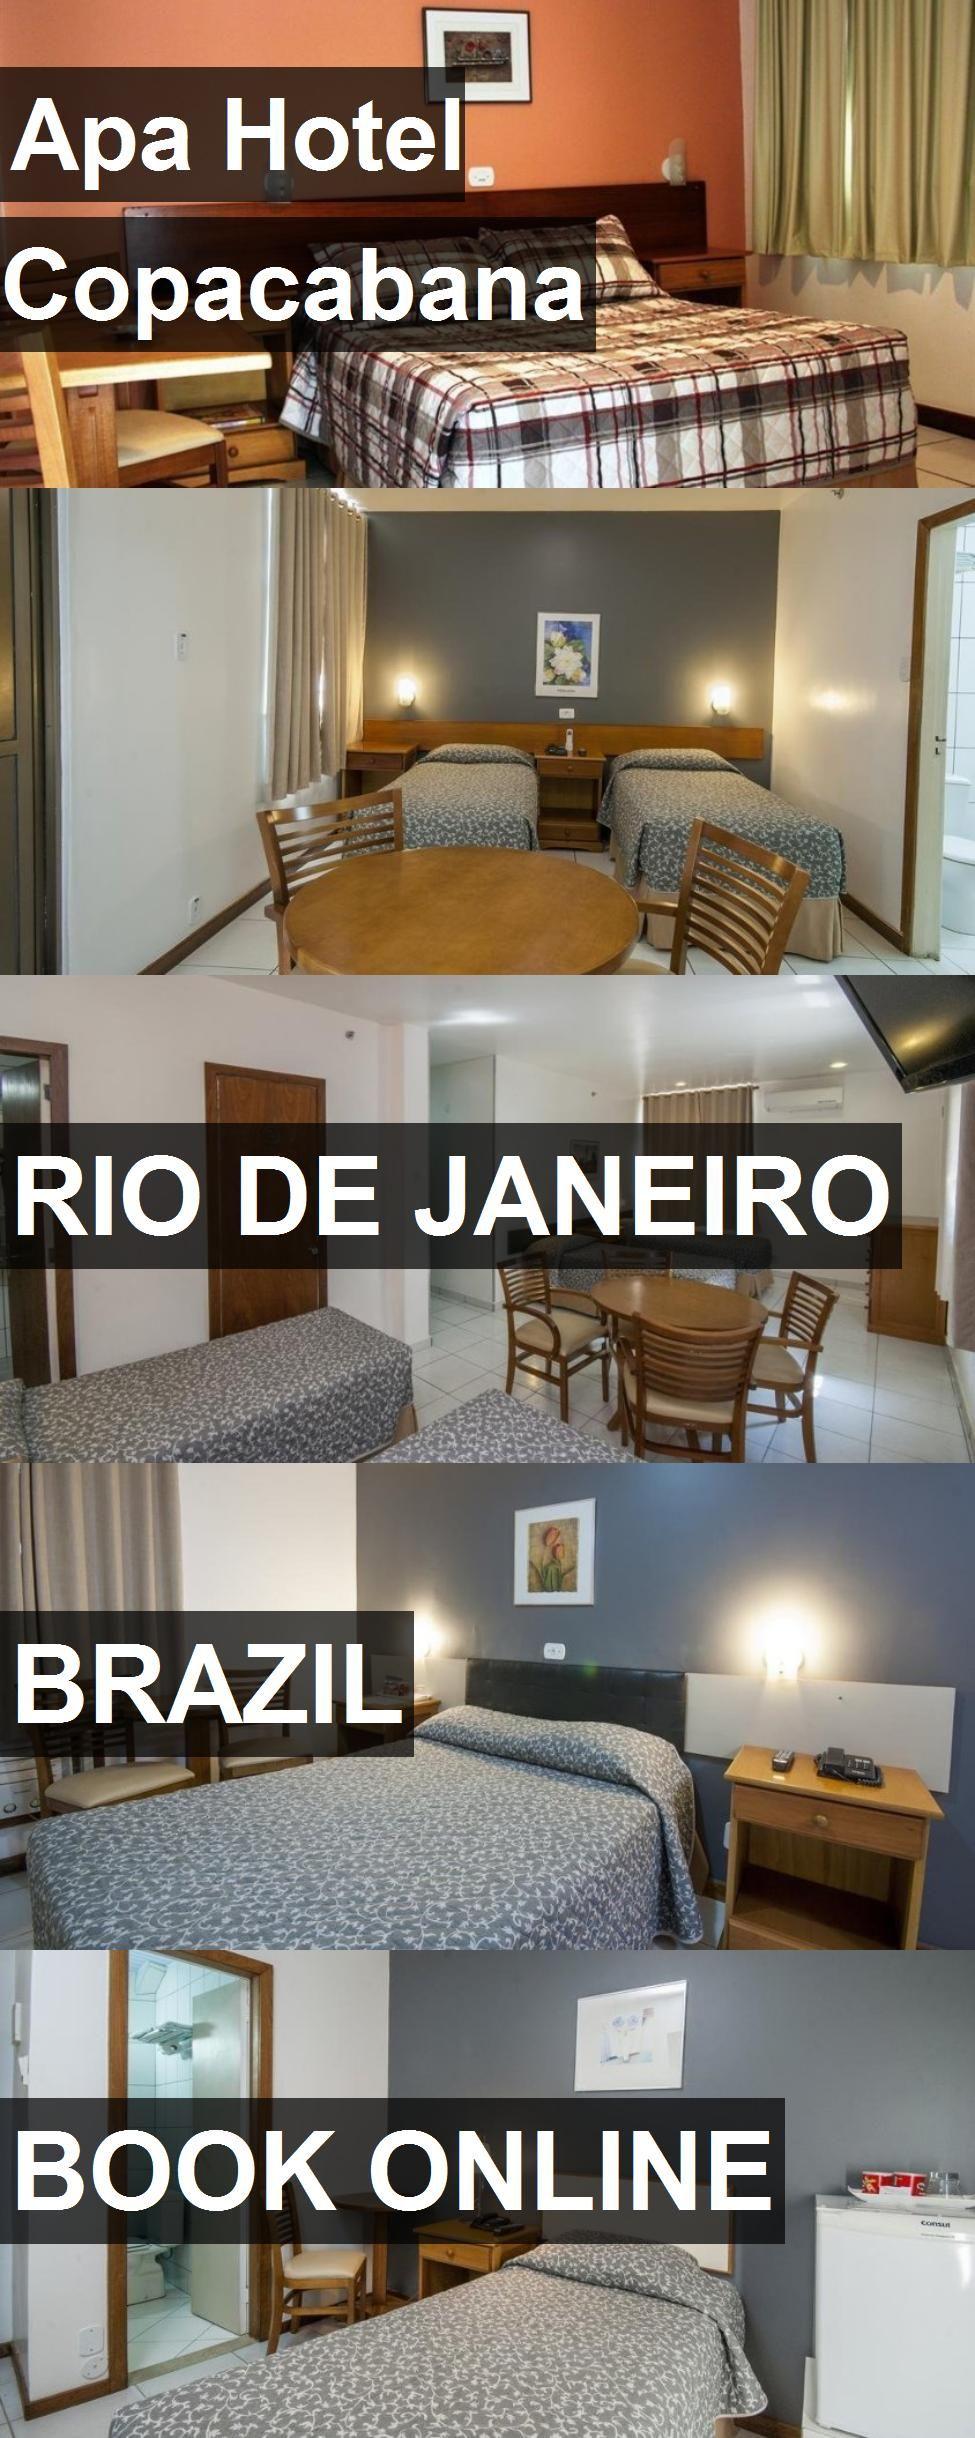 Apa hotel copacabana in rio de janeiro brazil for more information